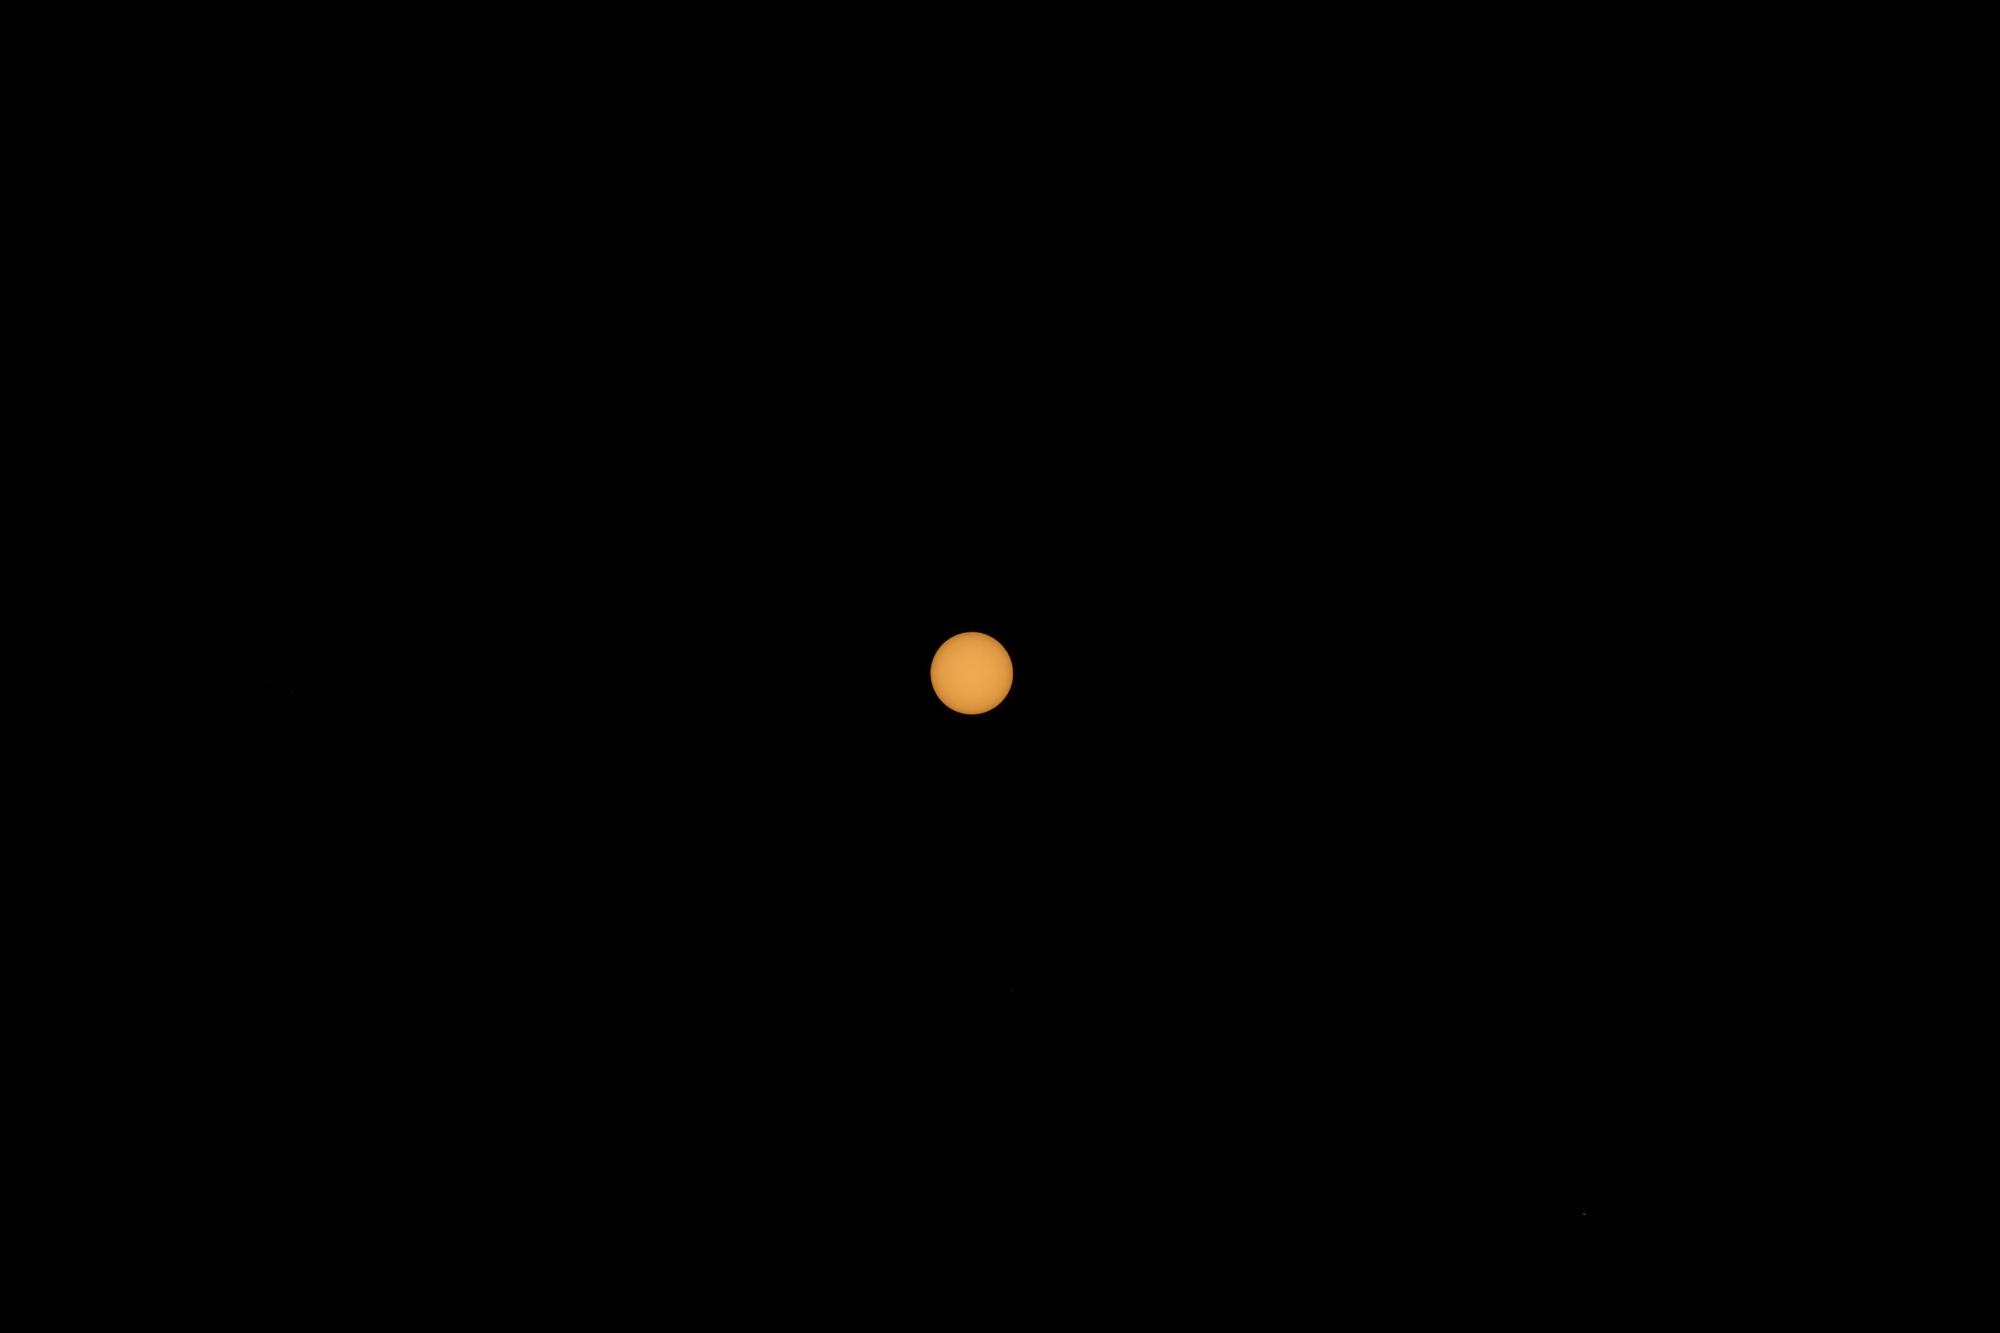 Sun_150.jpg